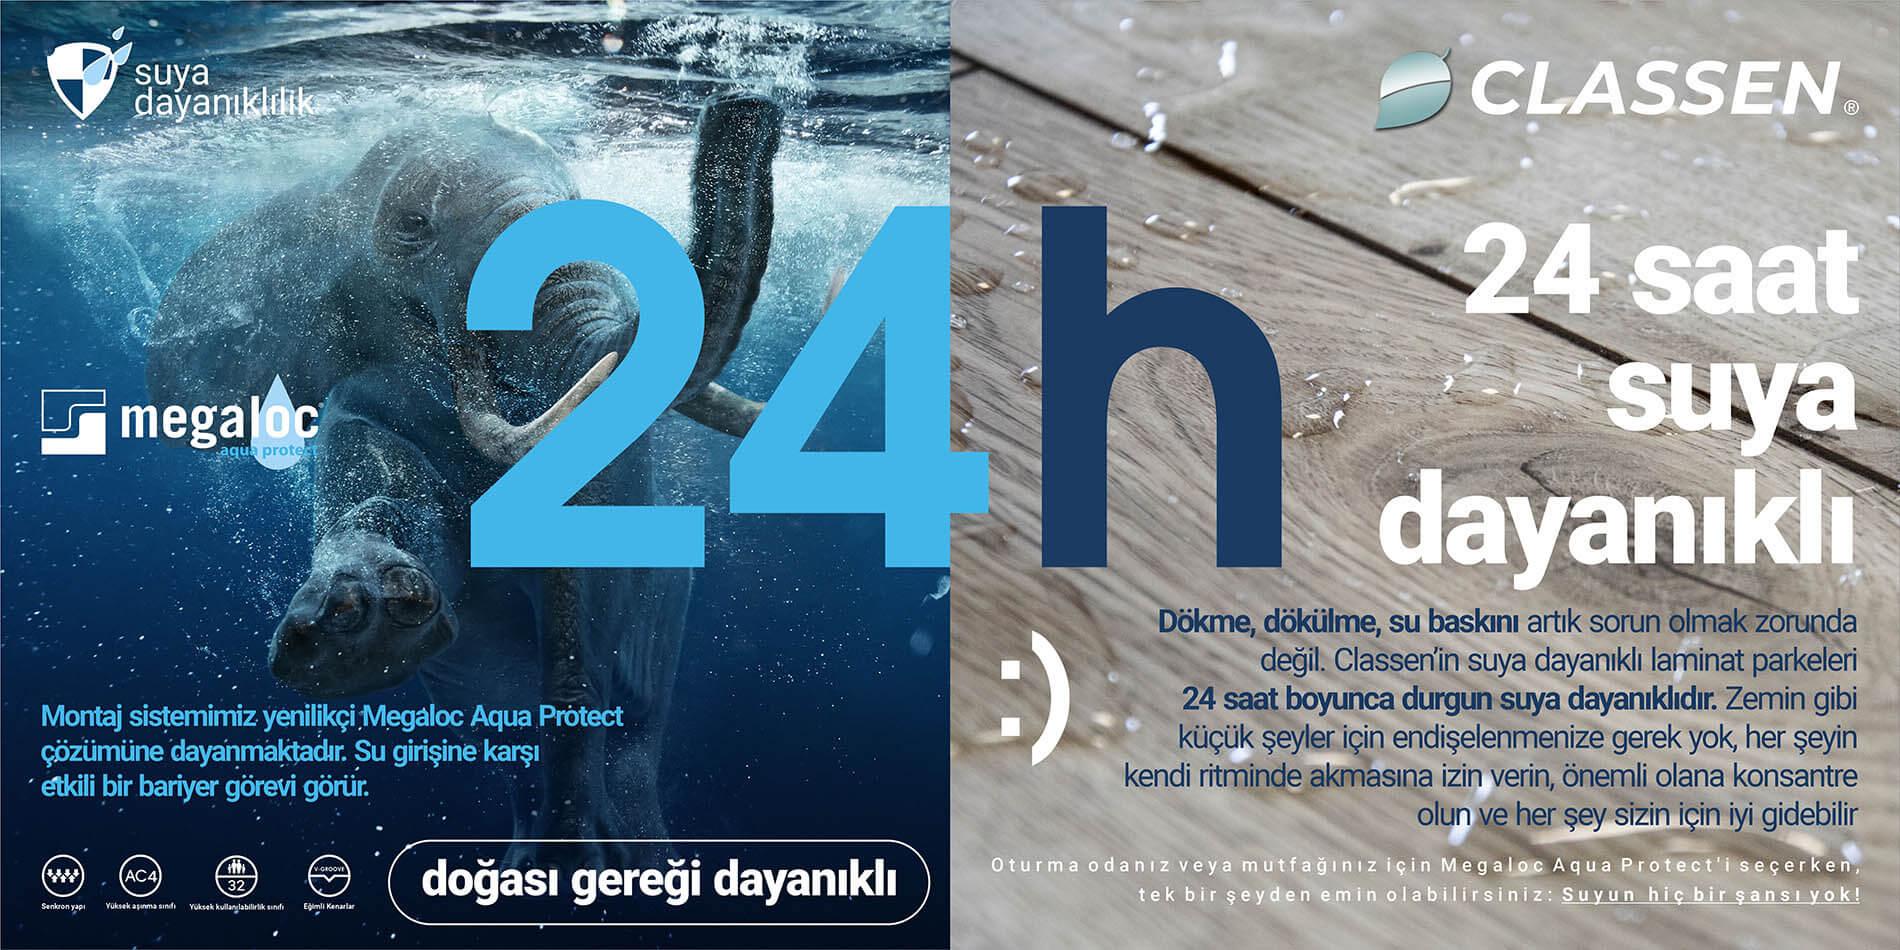 24 saat suya dayanıklı